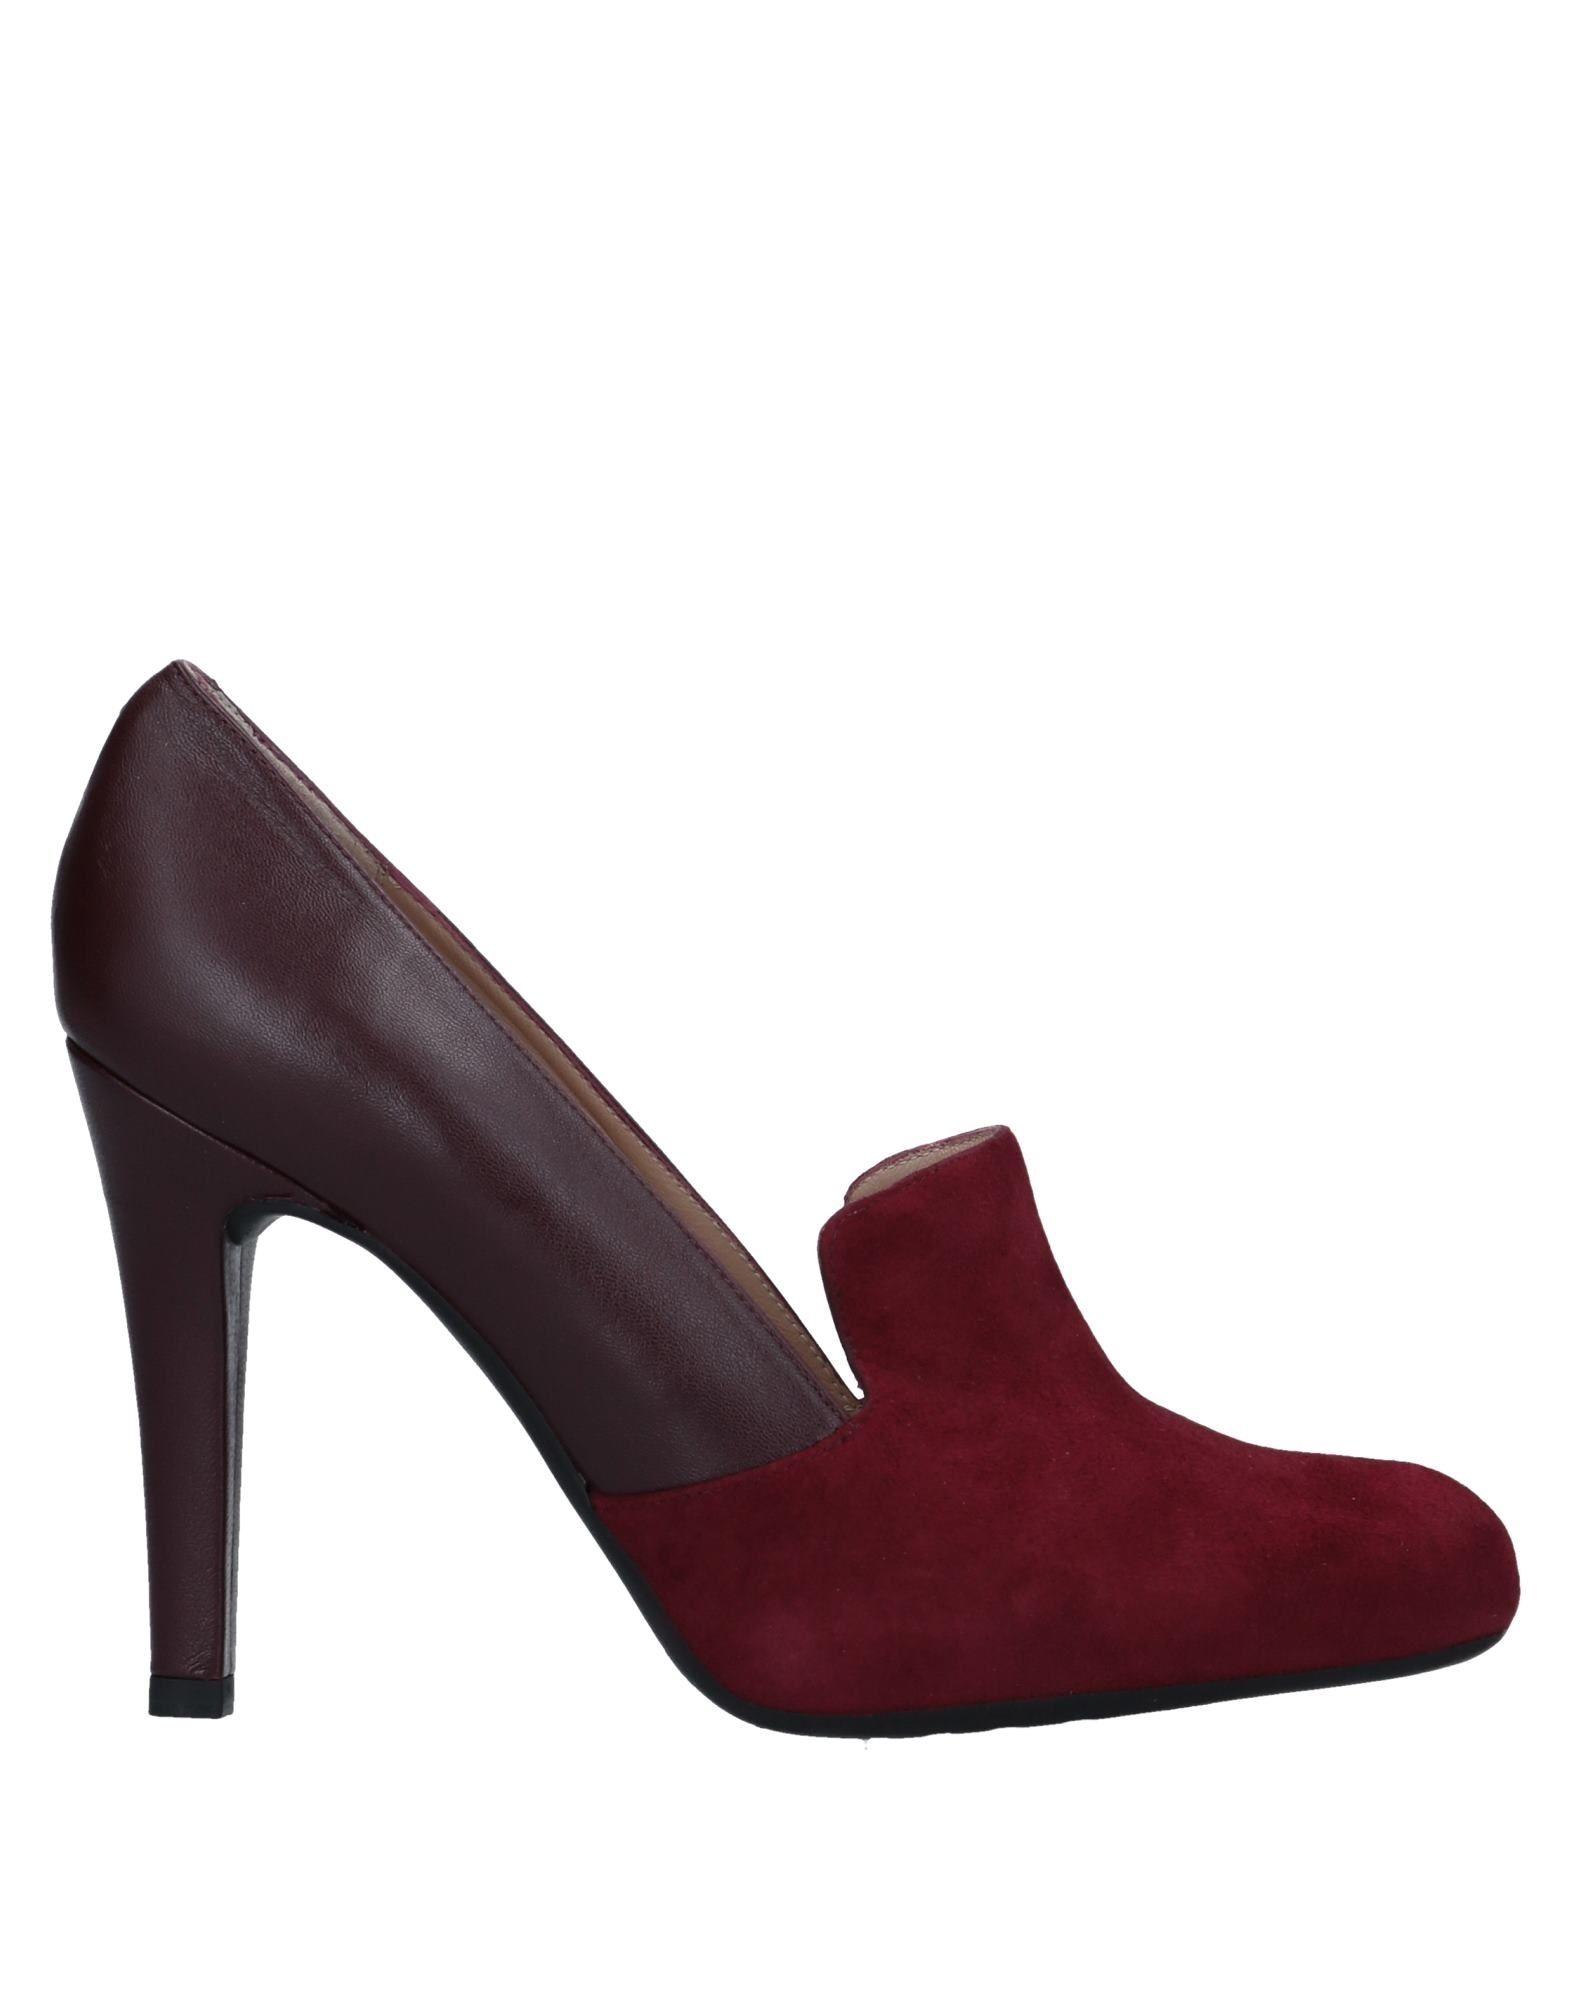 Unisa Mokassins Damen  11525055KT Gute Qualität beliebte Schuhe